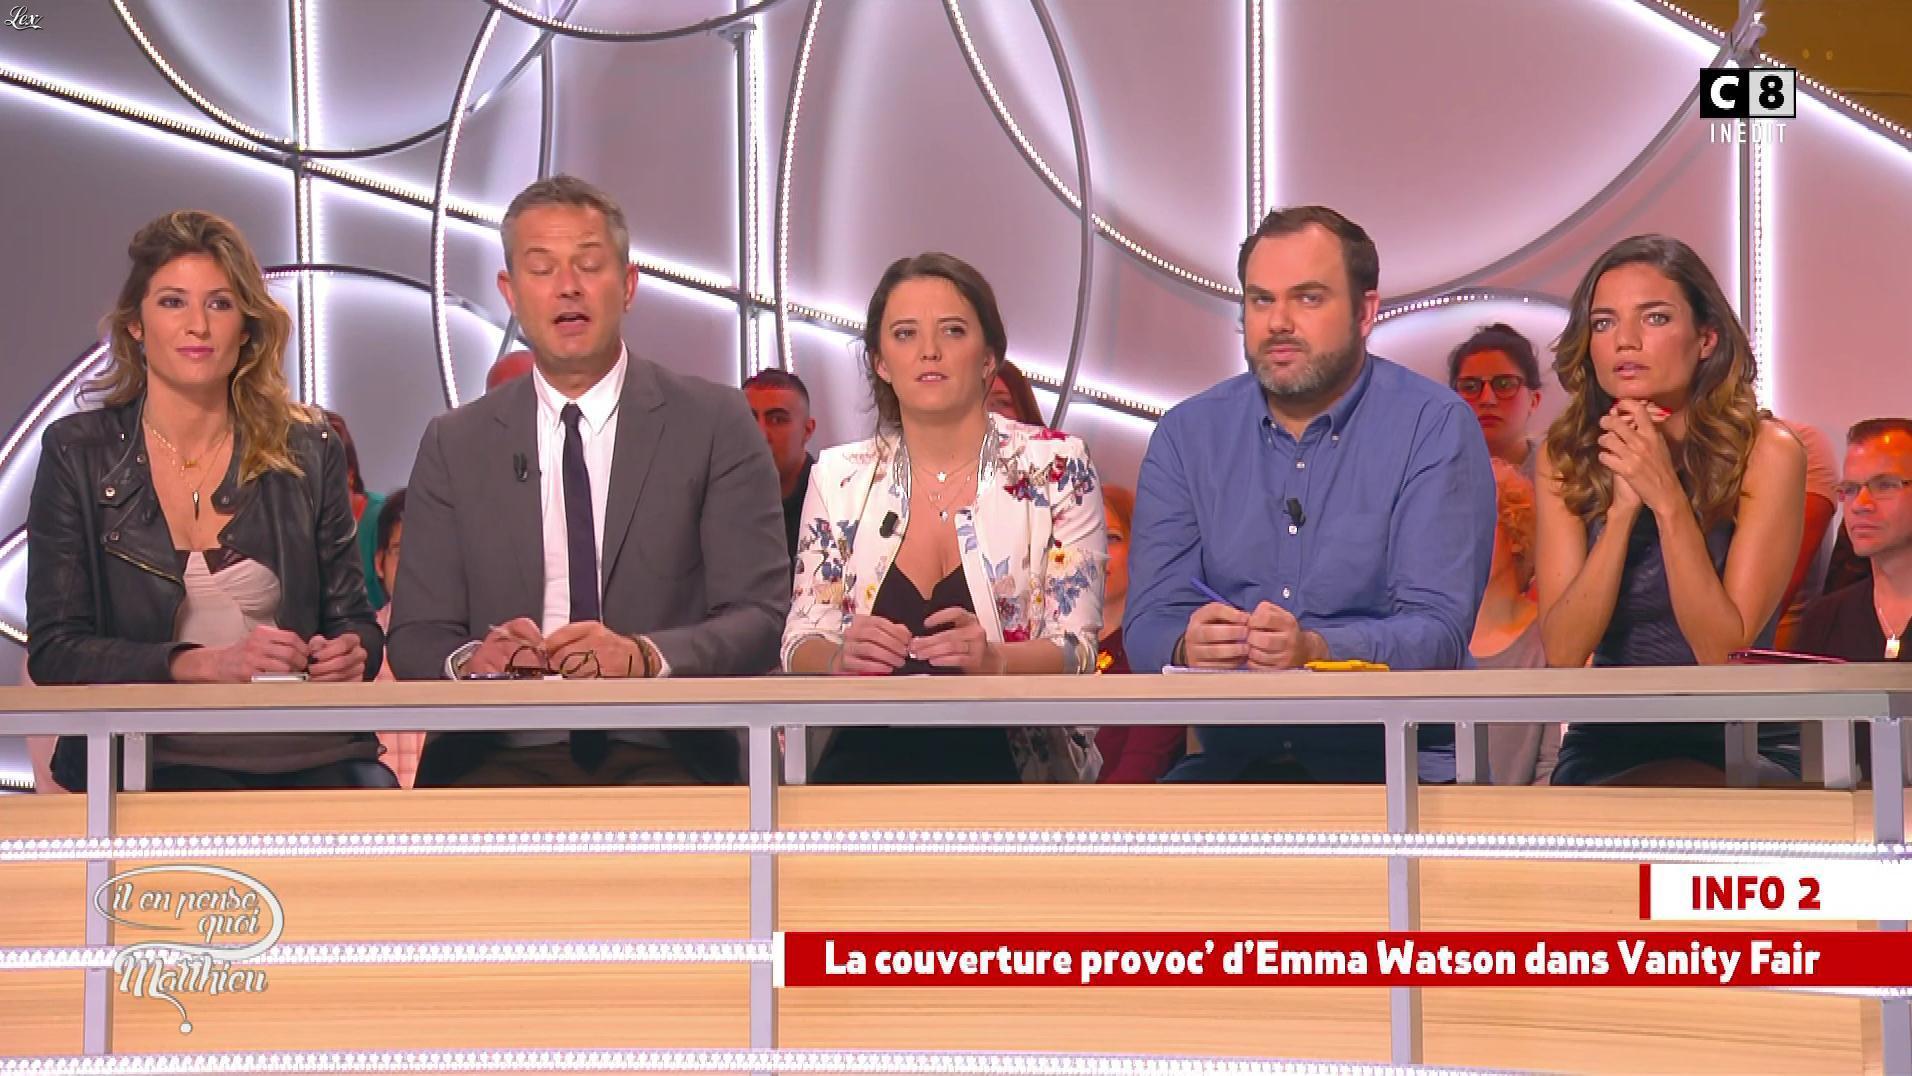 Caroline Ithurbide et FrancesÇa Antoniotti dans Il en Pense Quoi Matthieu. Diffusé à la télévision le 10/03/17.